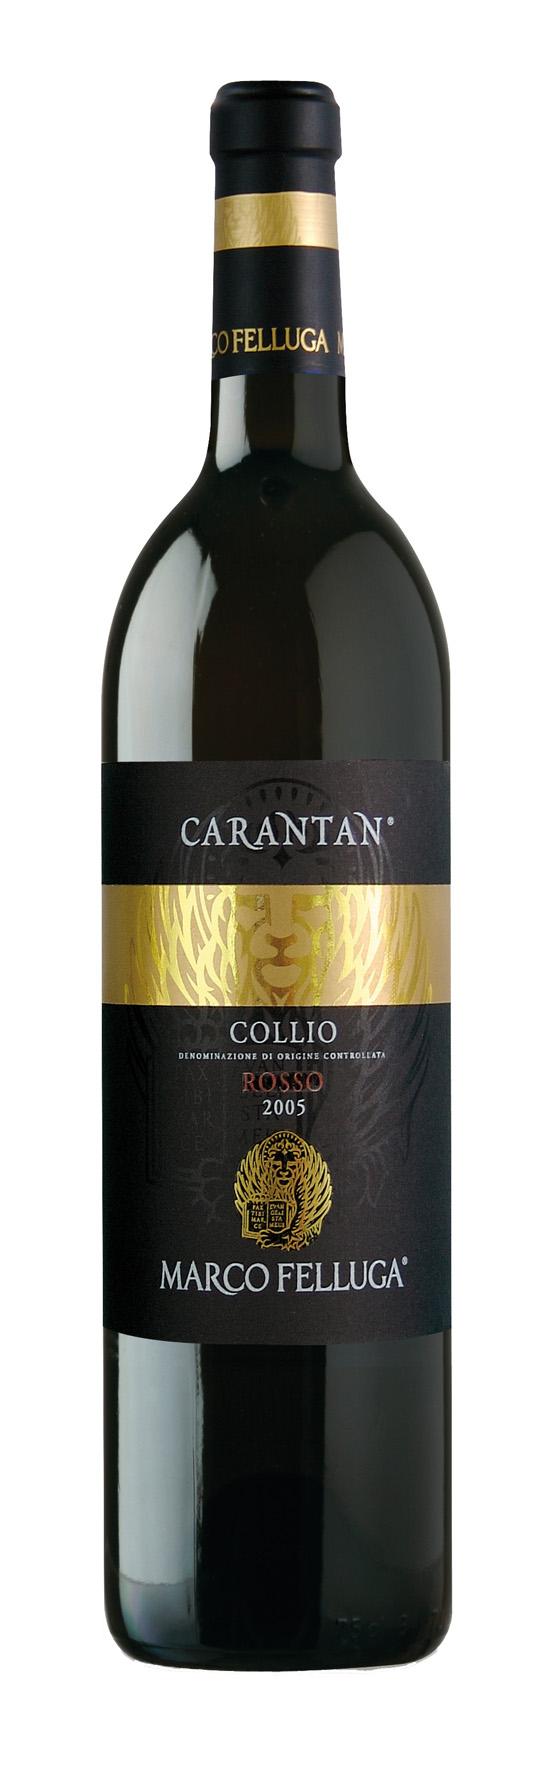 2009 Carantan DOC Collio Rosso MARCO FELLUGA